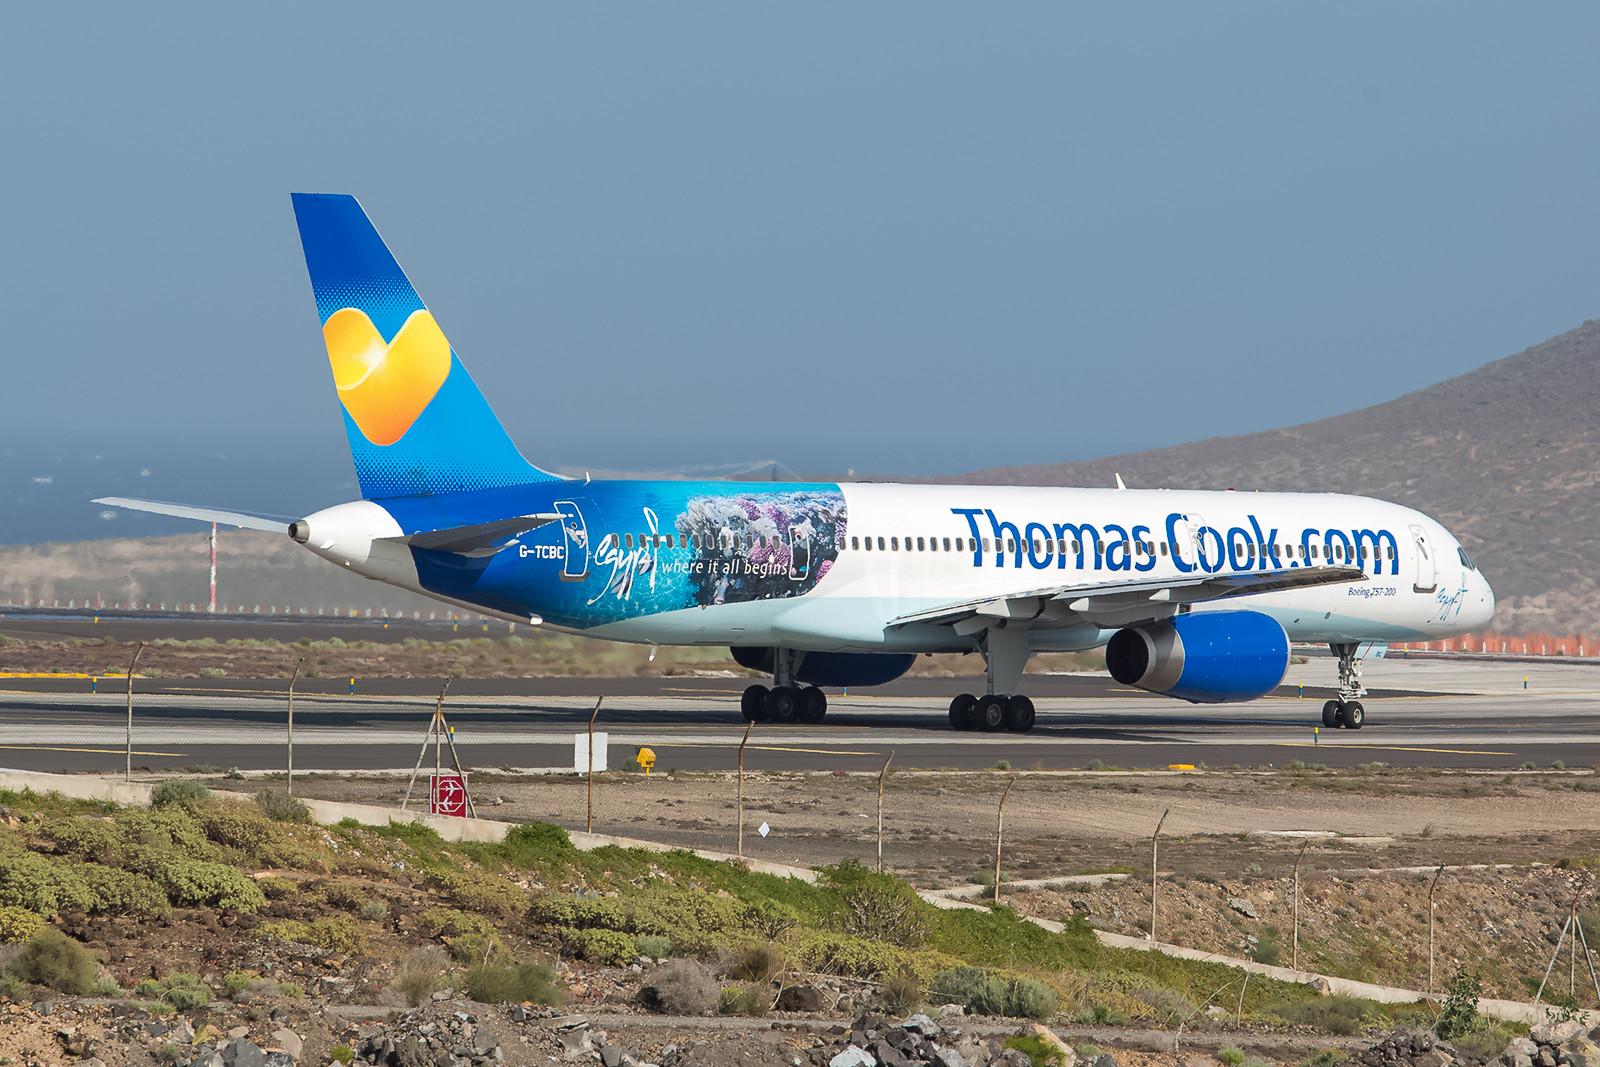 Thomas Cook hat neben der o.g. A321 noch eine Boeing 757-200 mit Werbung für die ägyptischen Ferienziele versehen.